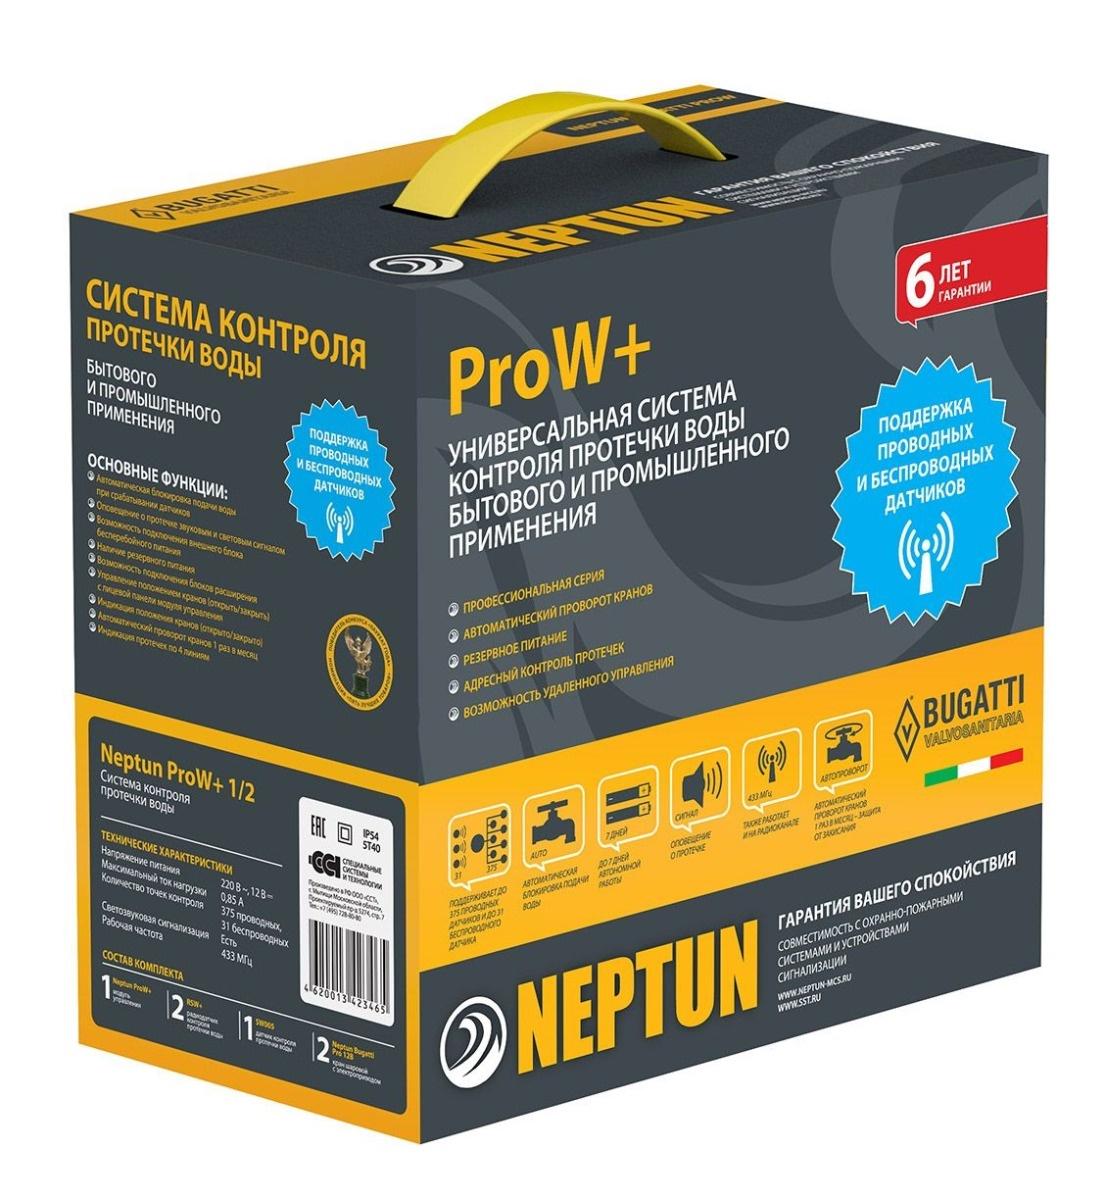 Neptun Neptun ProW+ 3/4 Система защиты от протечек воды цена в Москве и Питере